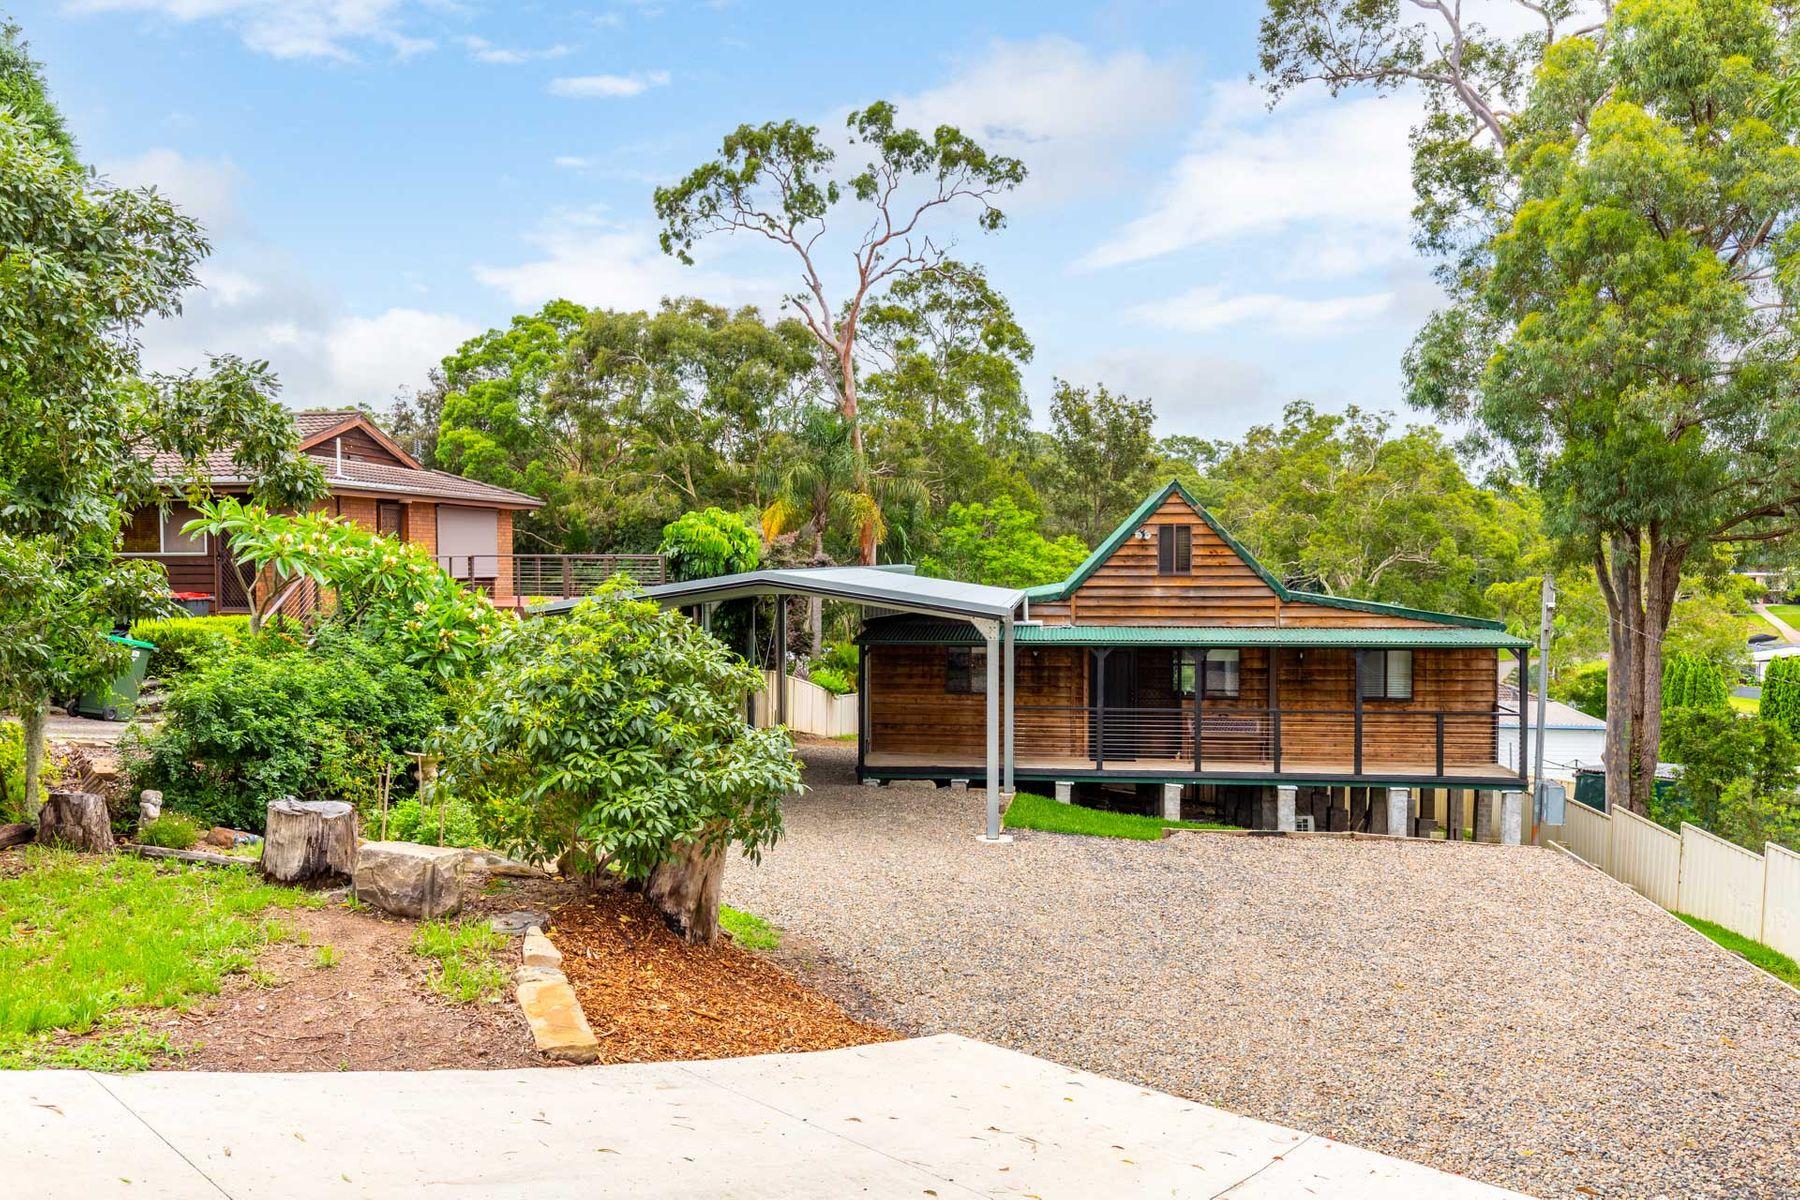 8A Lakeview Road, Wangi Wangi, NSW 2267